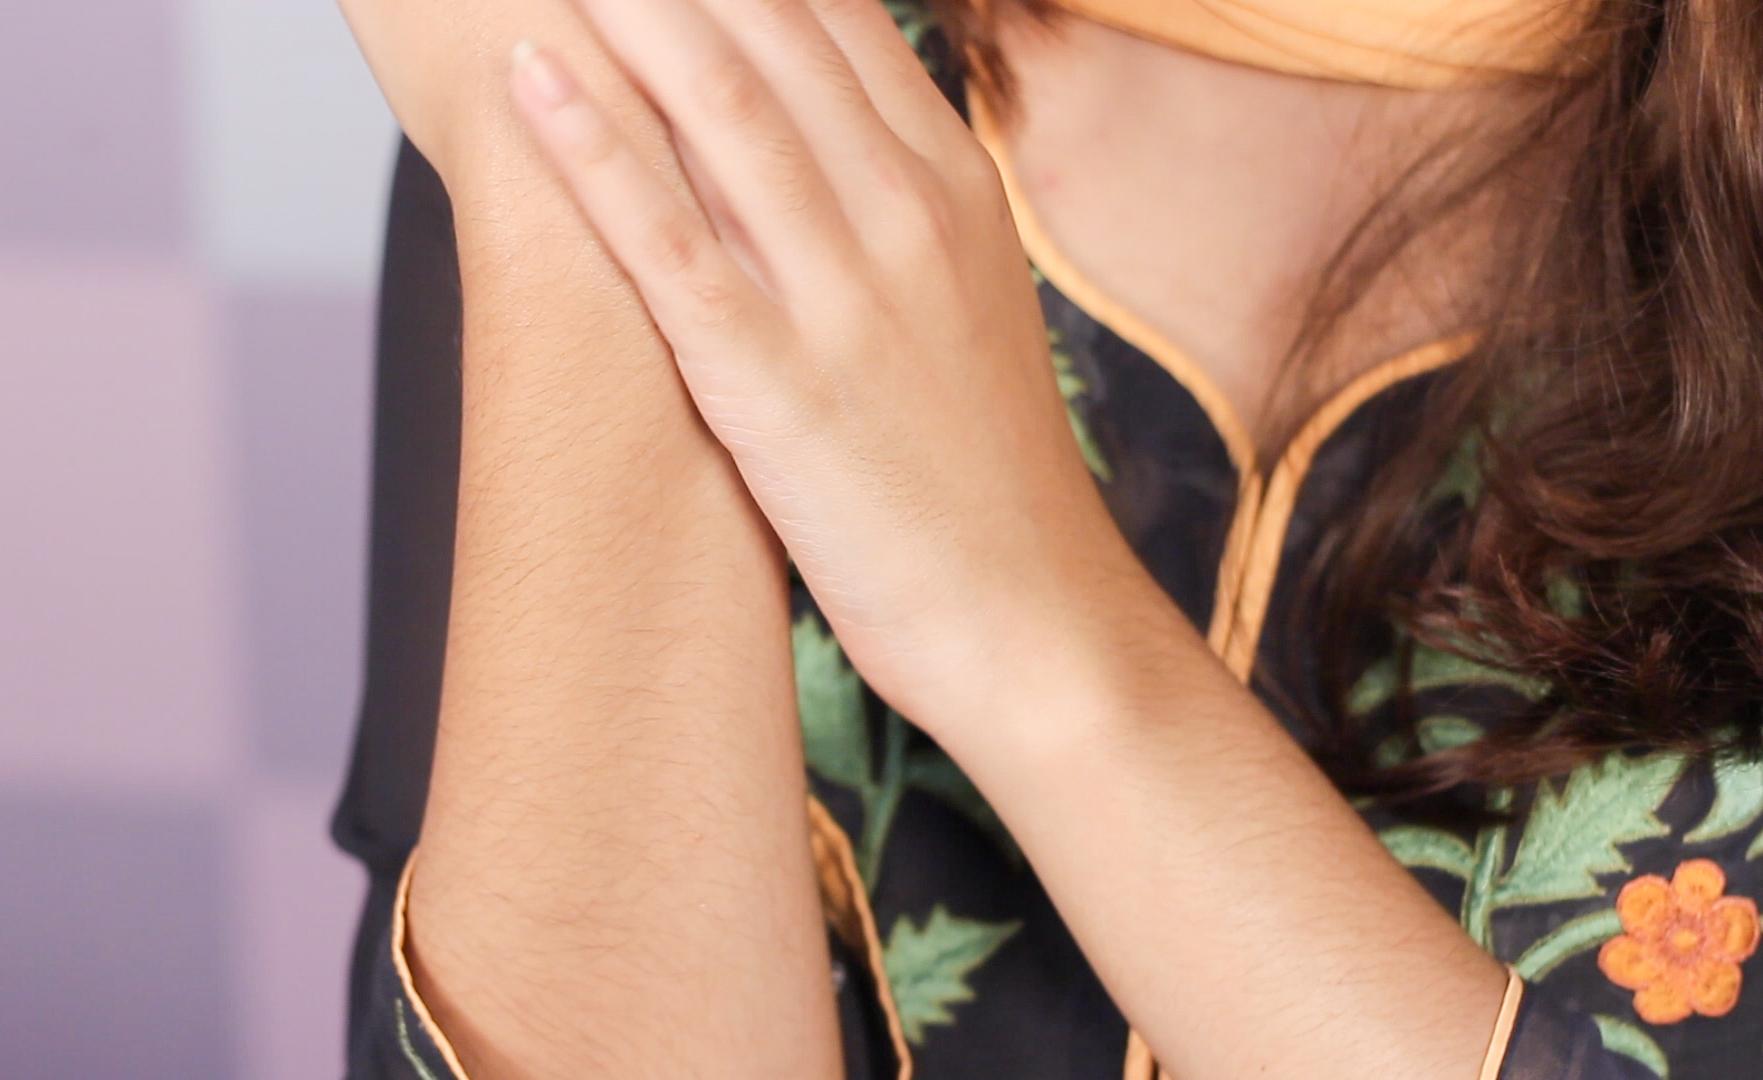 স্কিন ক্যাফে জোজোবা অয়েল ময়েশ্চারাইজার হিসেবে হাতে ব্যবহার - shajgoj.com